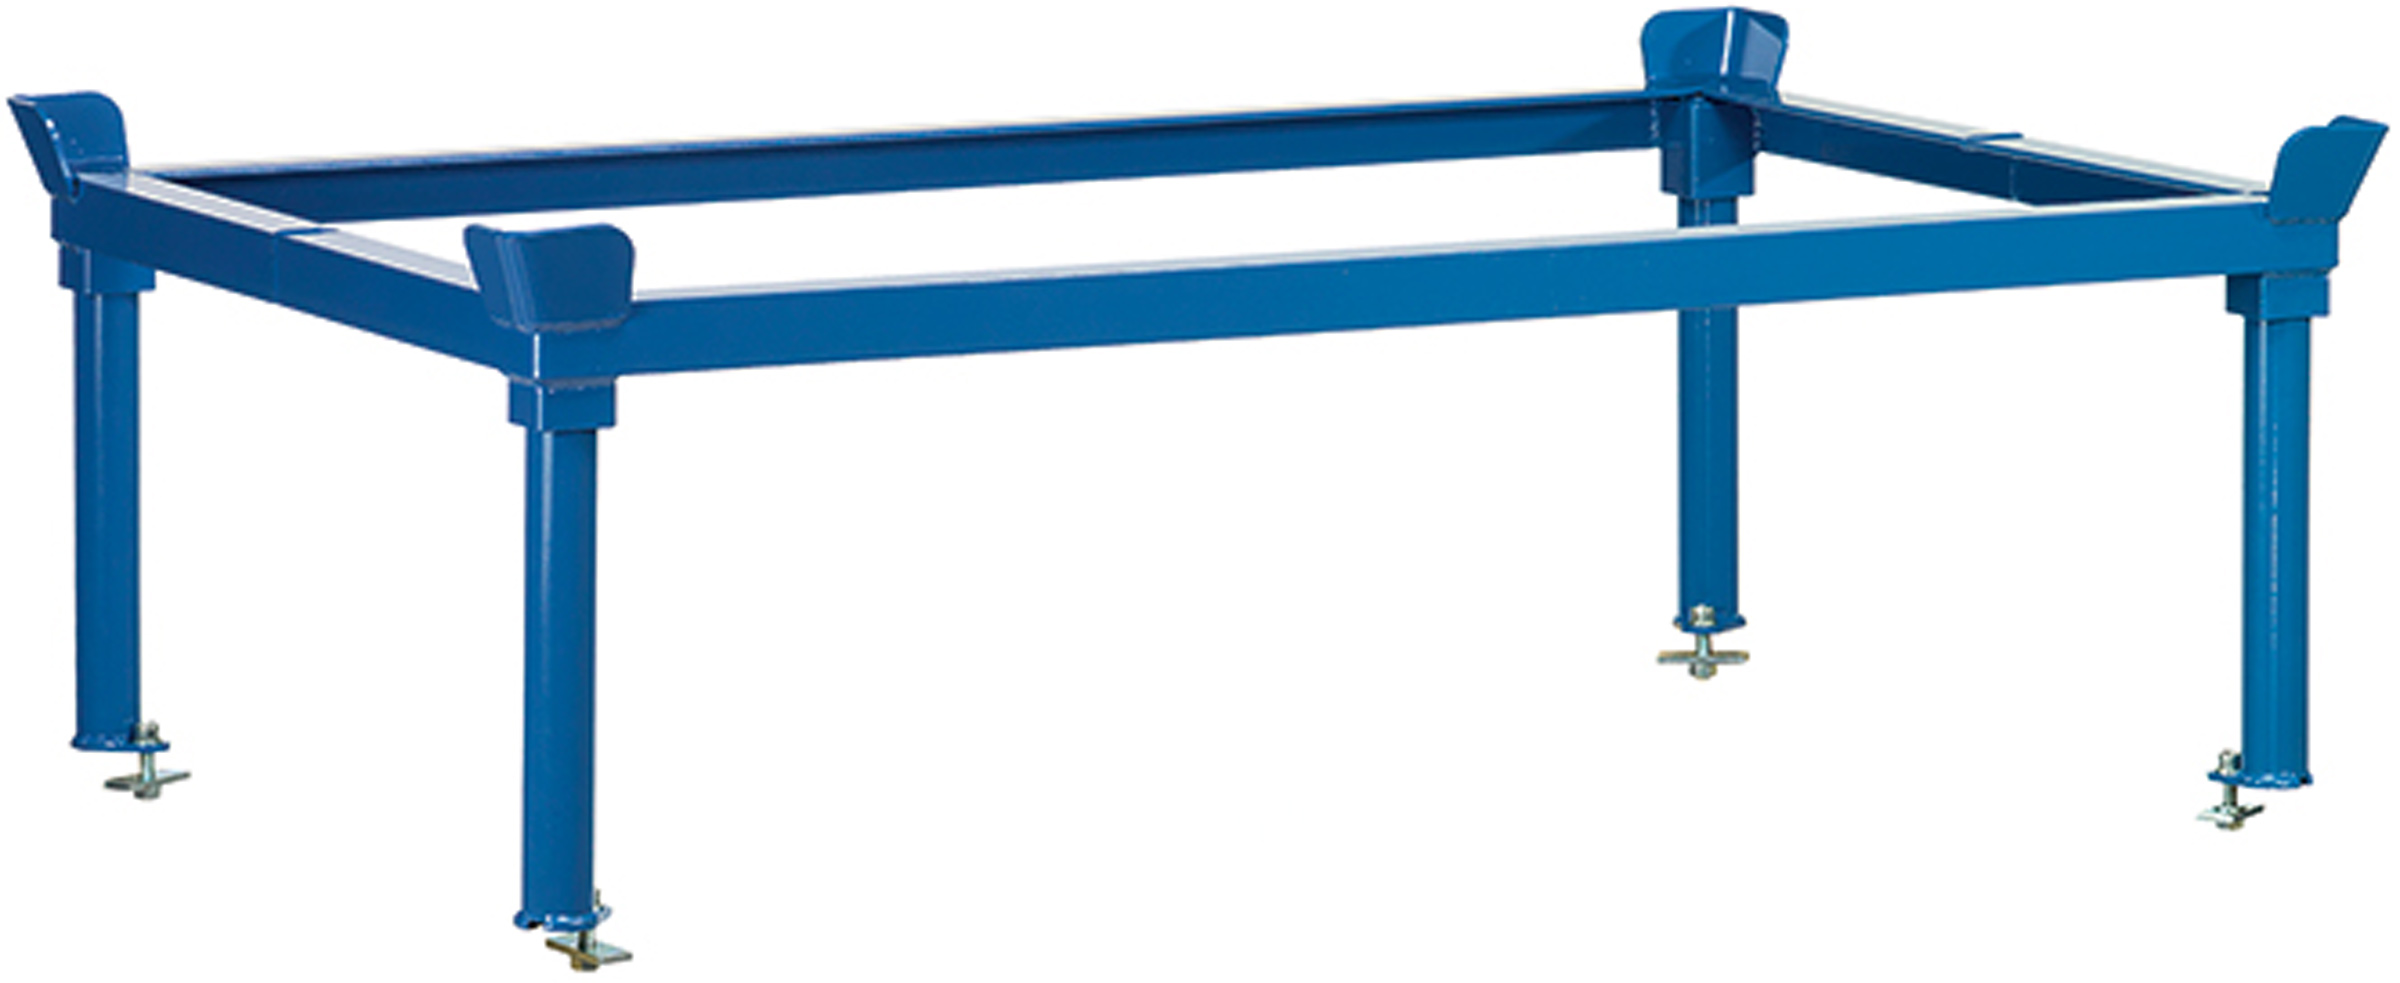 Fetra Aufsetzrahmen für Transportwagen 270|552 mm